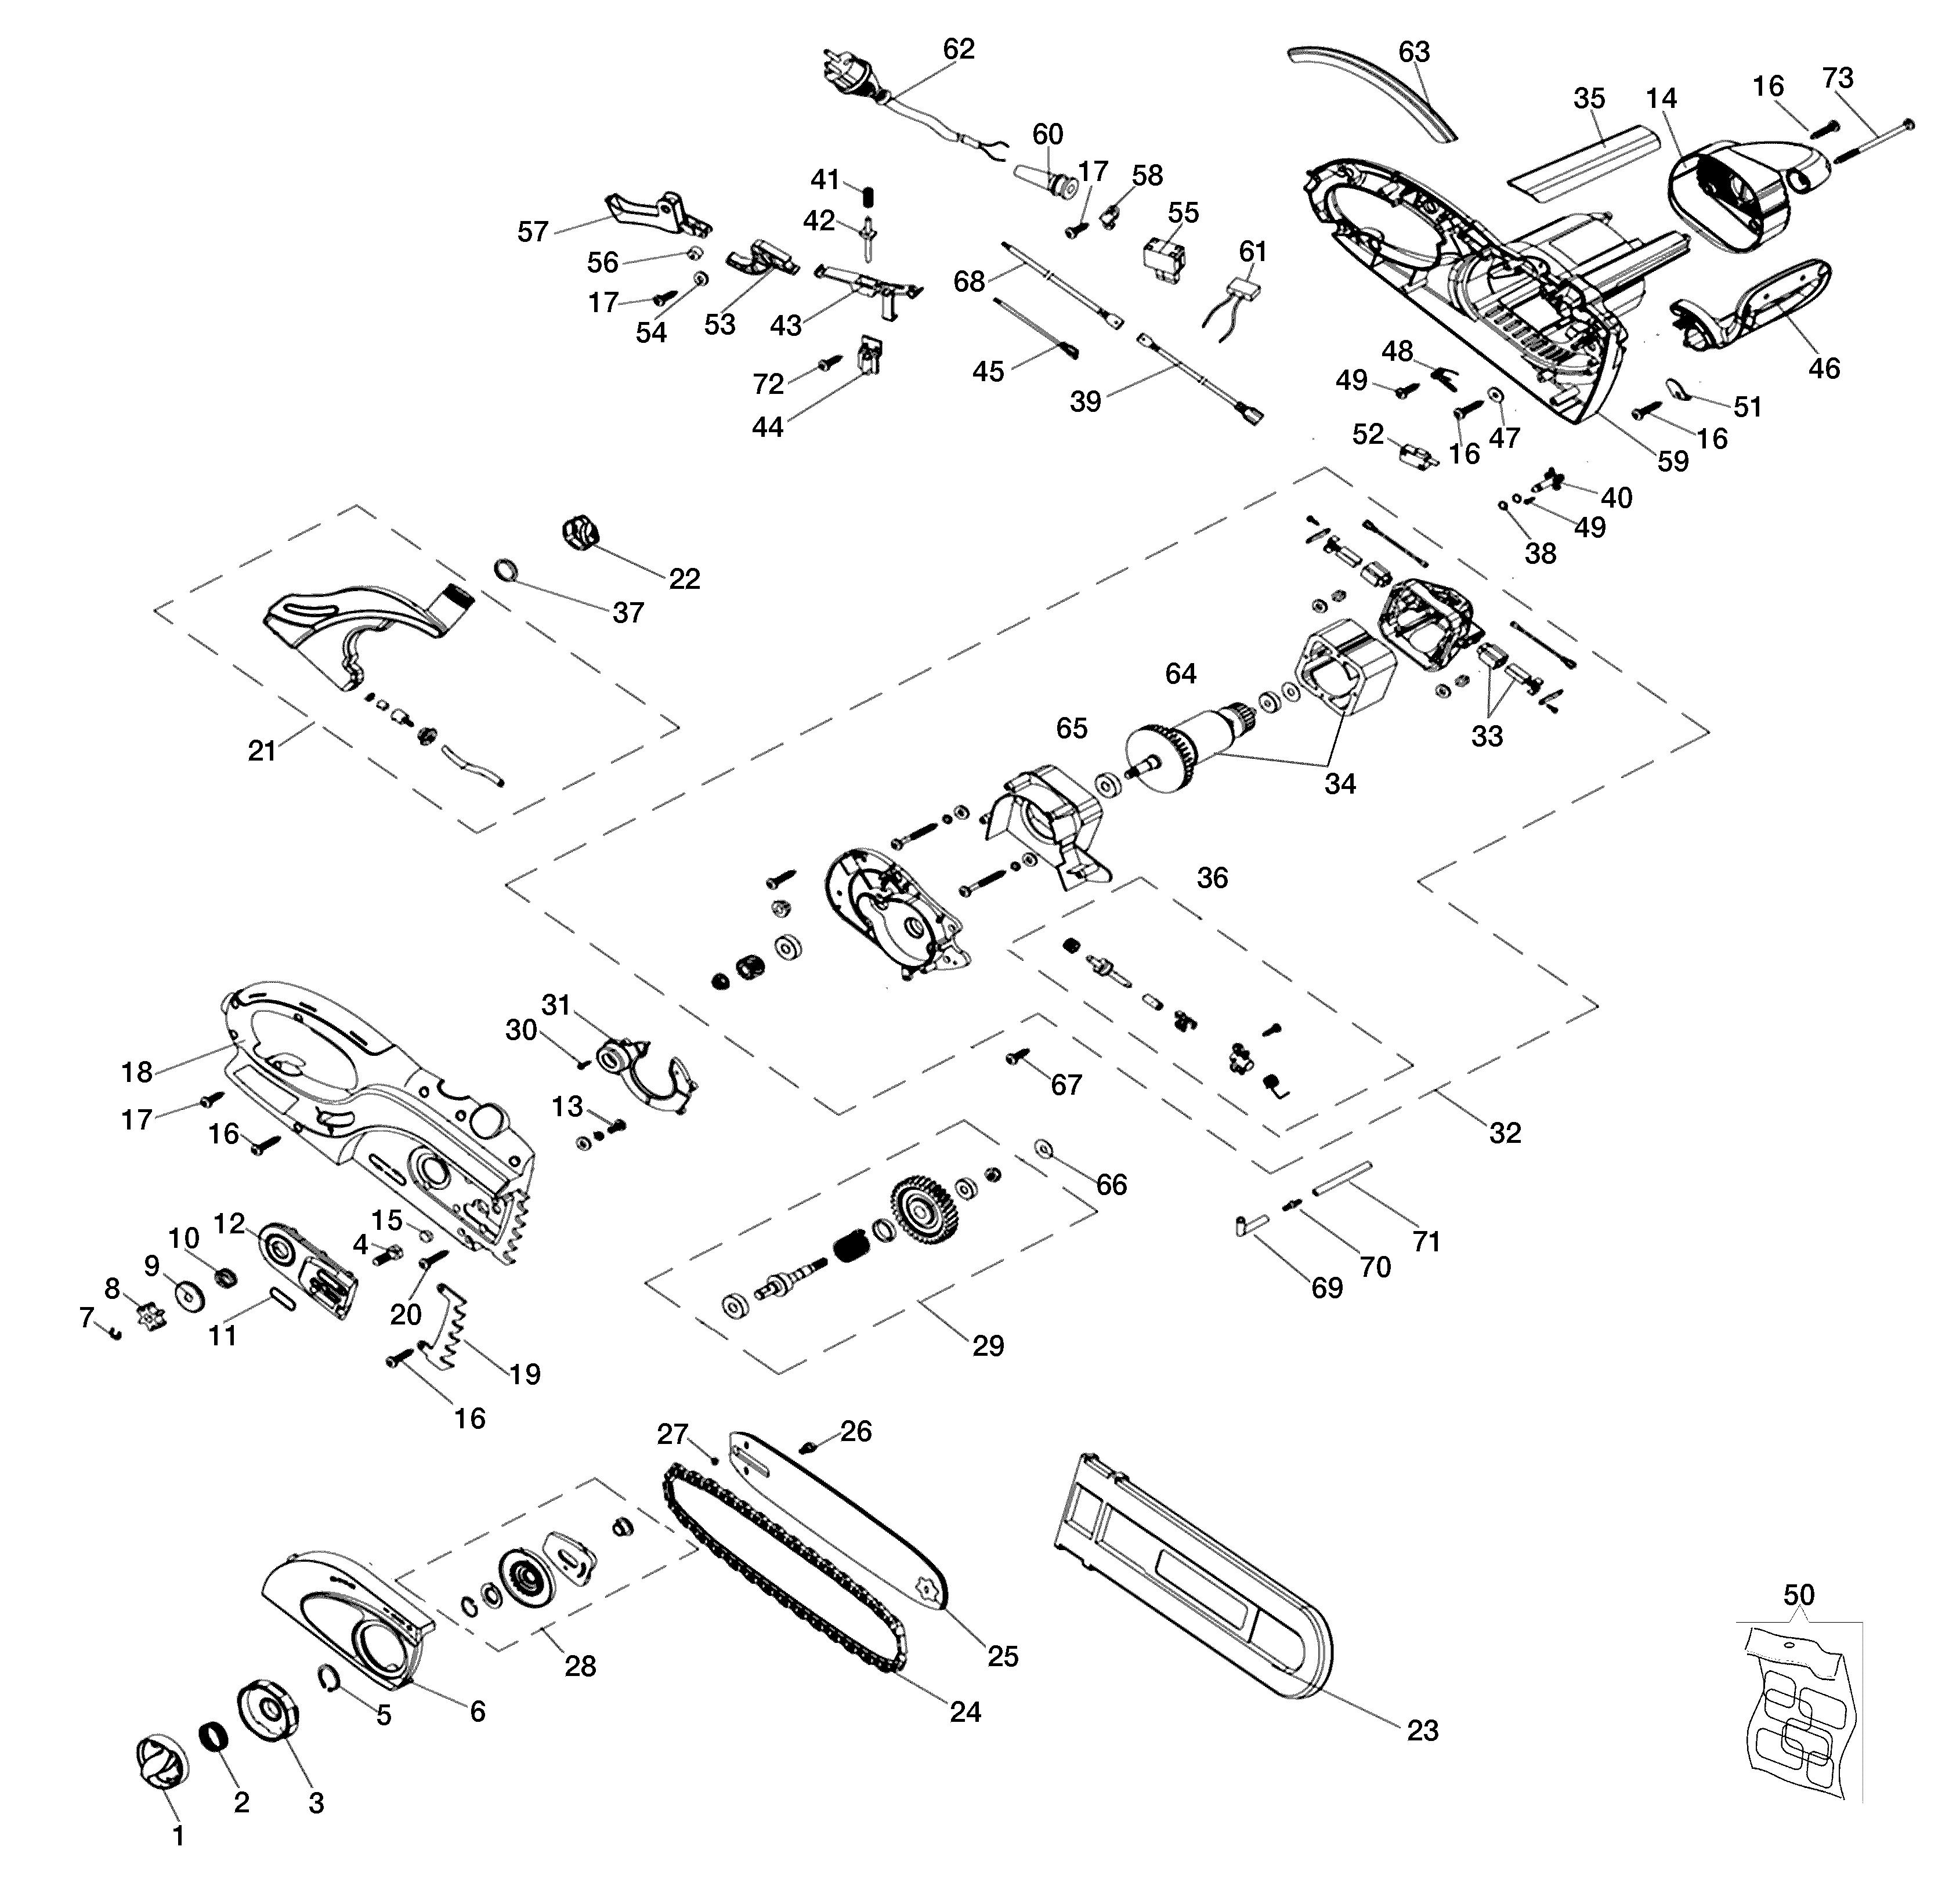 GS 180 E Tronçonneuse électrique OLEOMAC Dessins pièces -  Vue éclatée complète